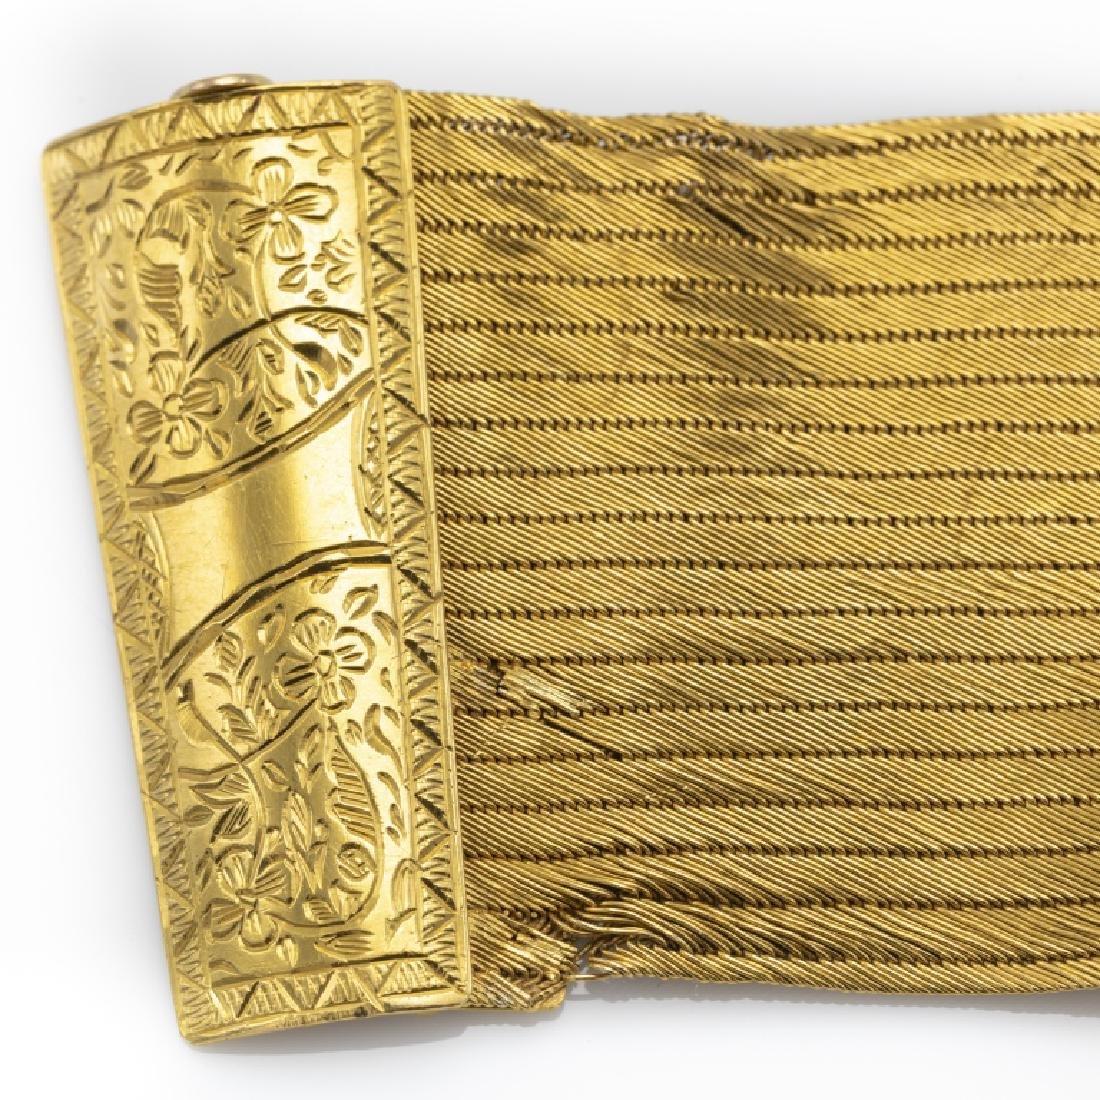 A 22k yellow gold bracelet - 3